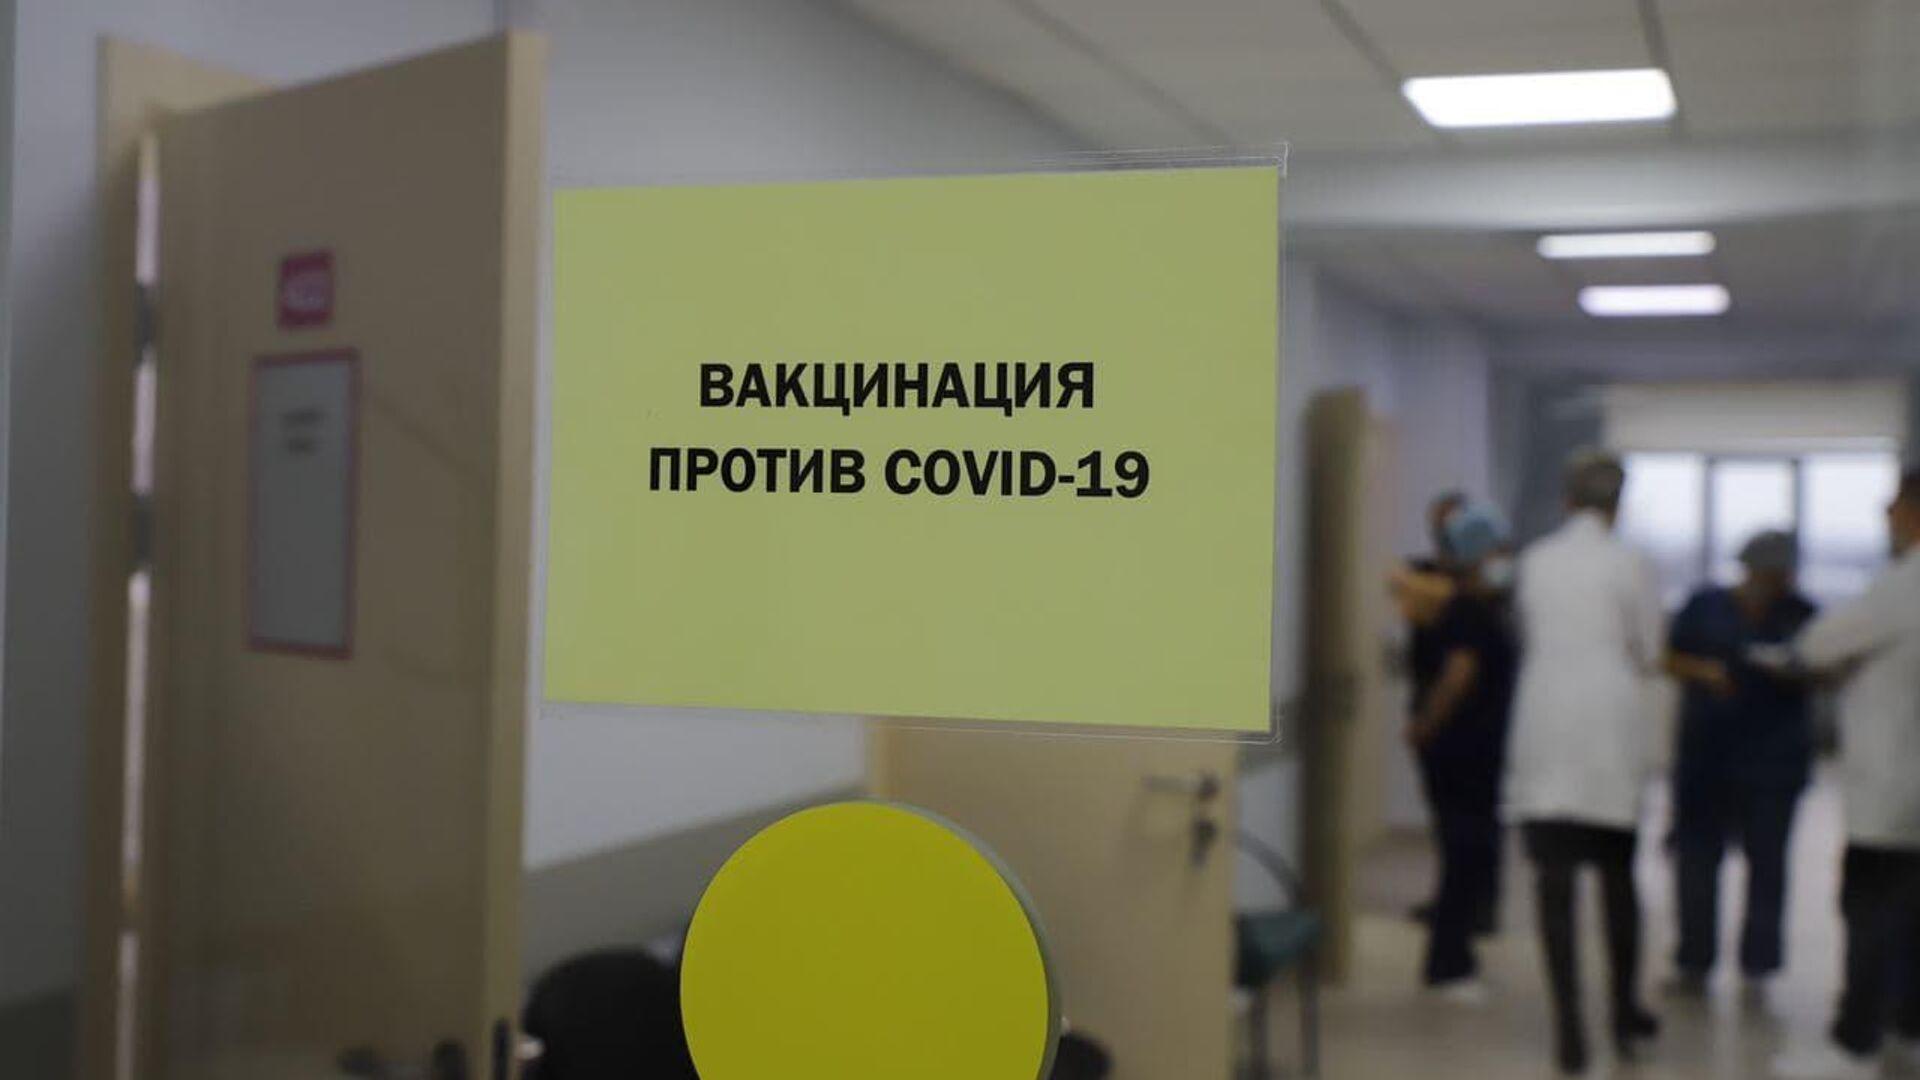 Вакцинация  - РИА Новости, 1920, 05.12.2020